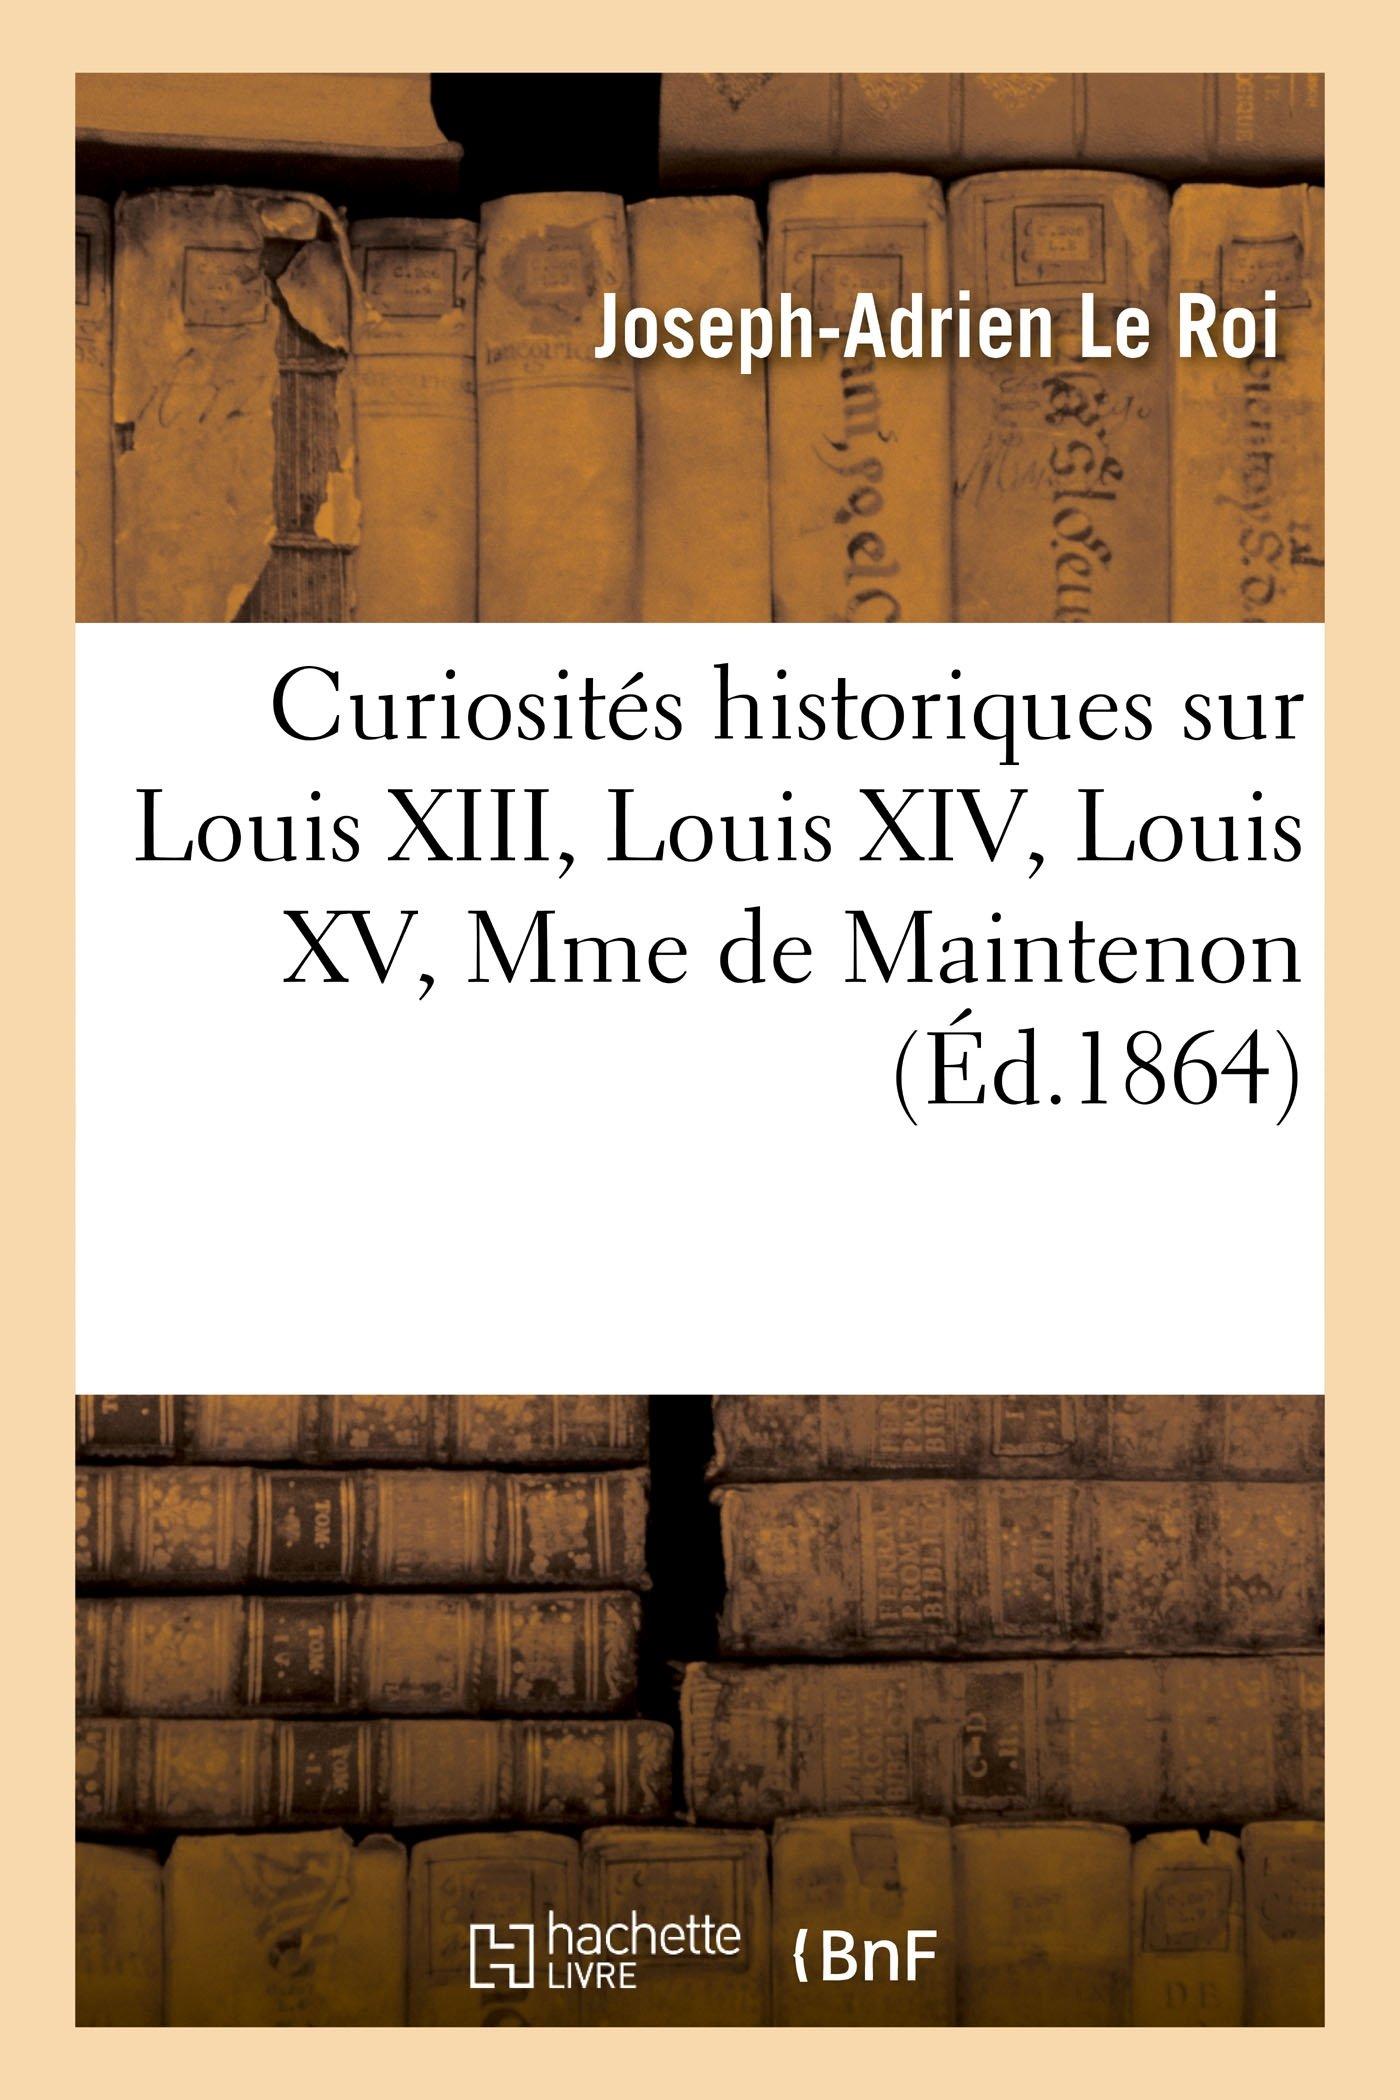 Curiosités Historiques Sur Louis XIII, Louis XIV, Louis XV, Mme de Maintenon (Histoire) (French Edition) PDF